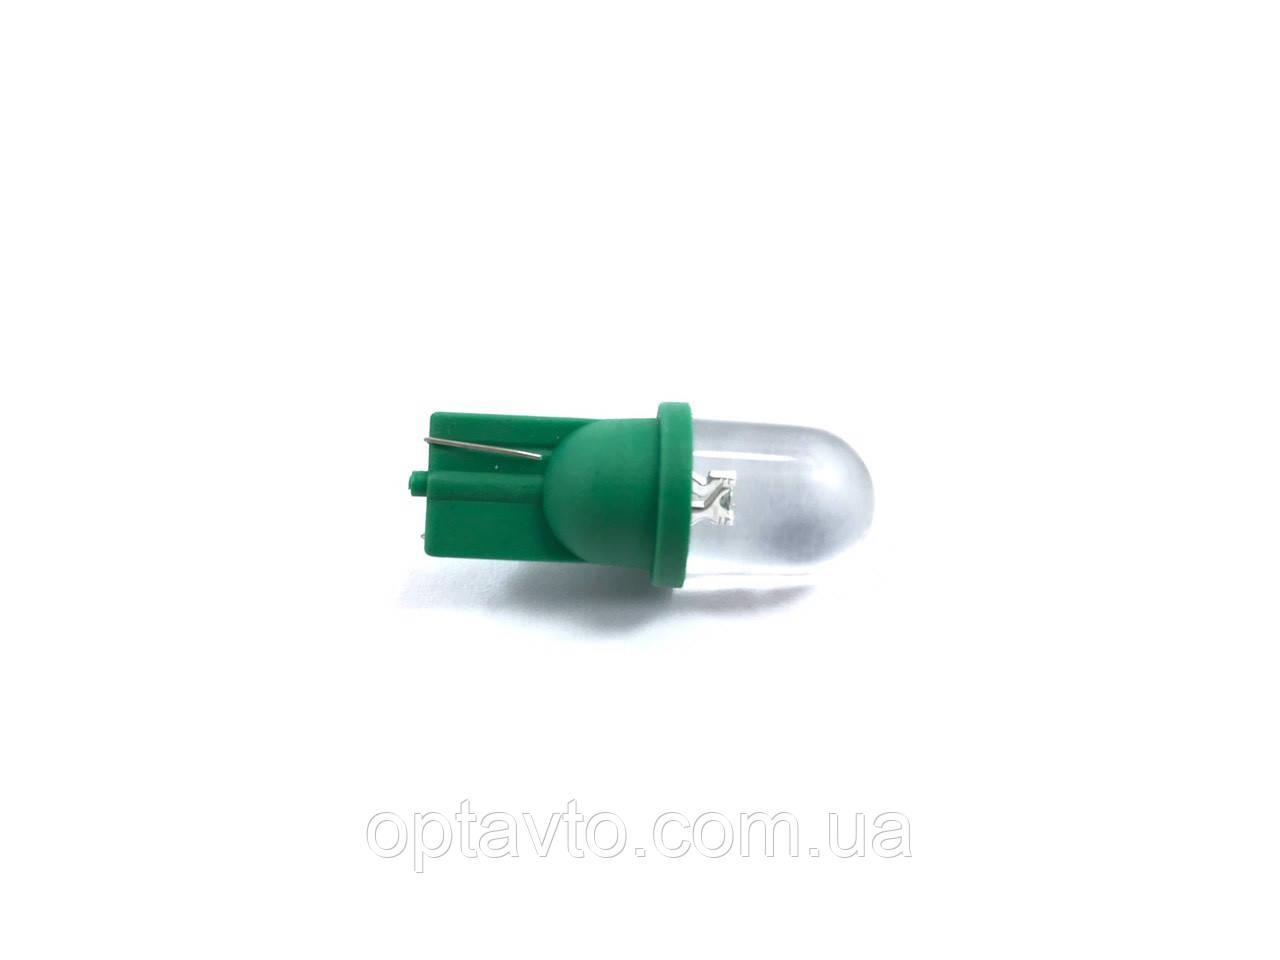 Автомобільні діодні лампи габаритні з цоколем T10 W2.1*9.5 D / зелена